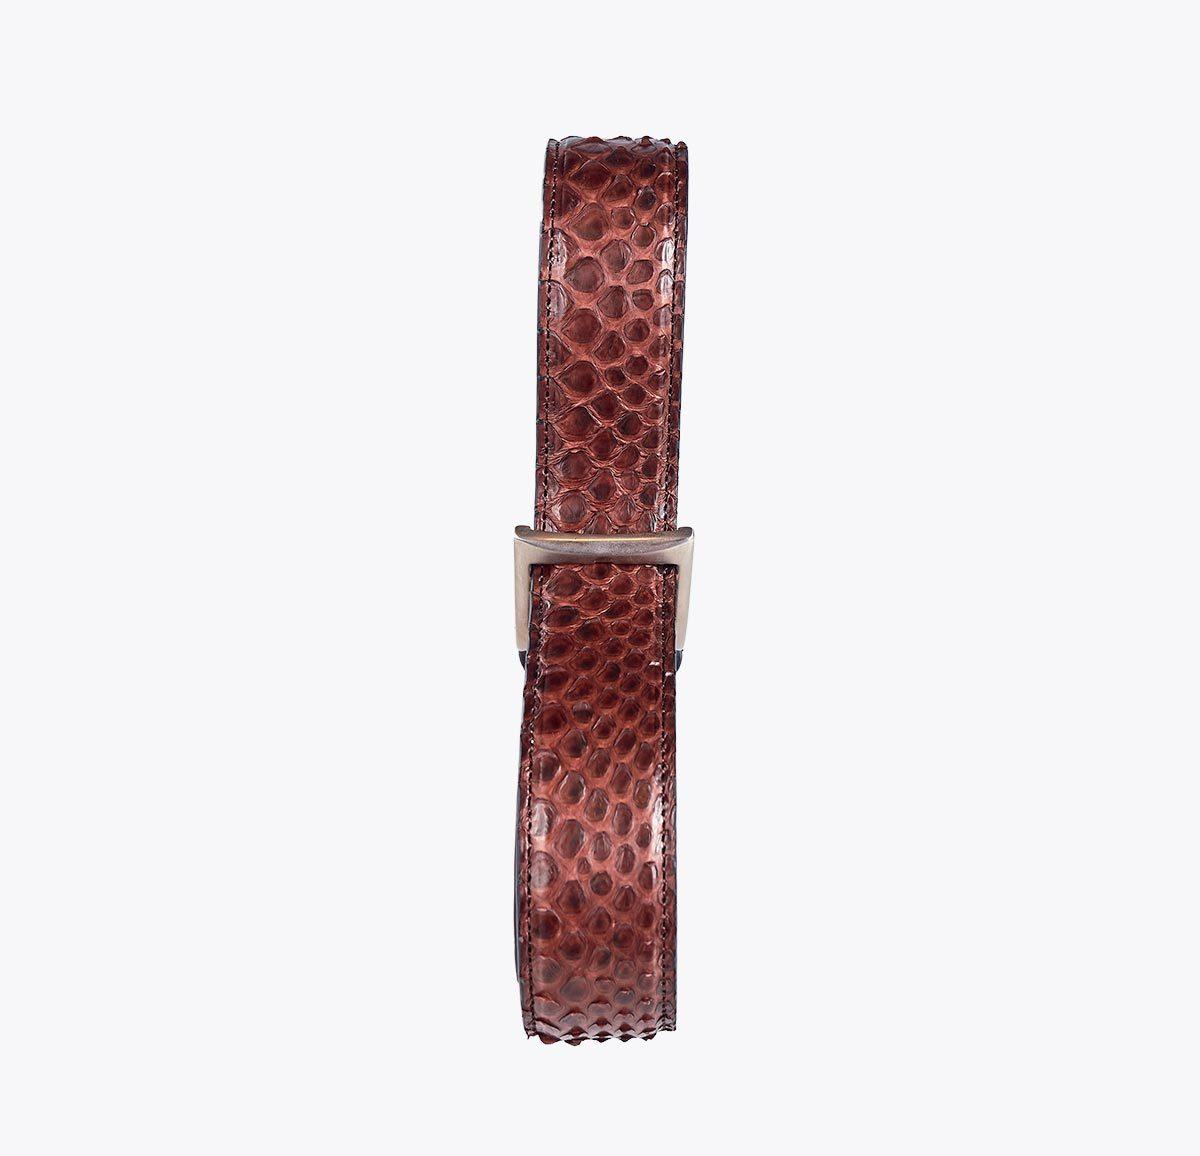 Cinturón pitón marrón Accesorios y complementos en mandalashoes. Accessories in mandalashoes. Zubehör in Mandalas.